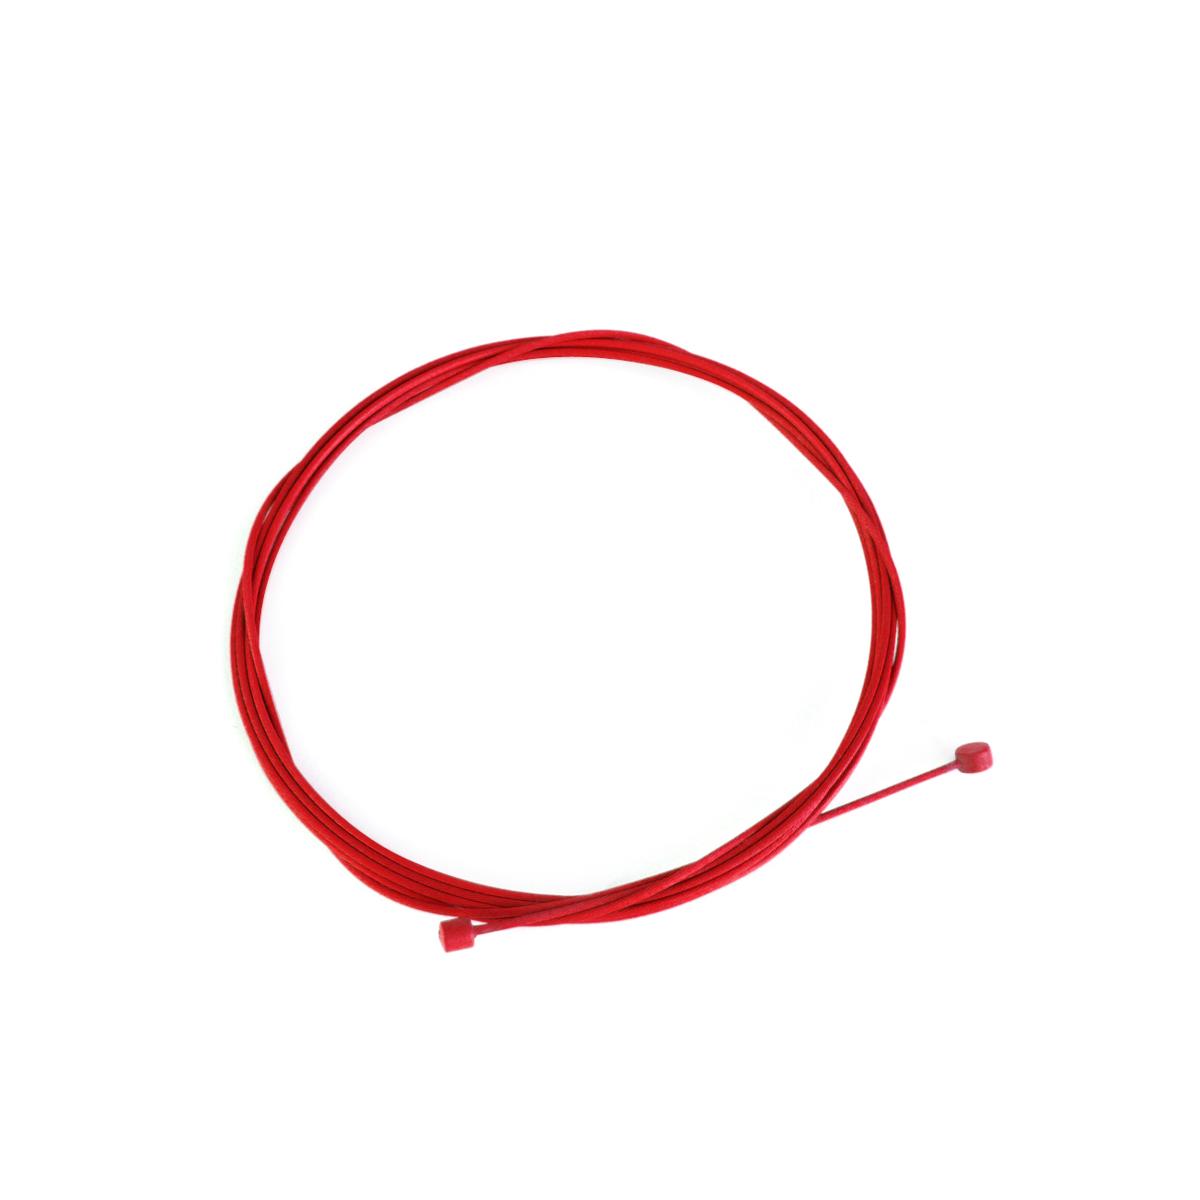 Câble de dérailleur Alligator acier galvanisé 2000x1,2 mm Rouge